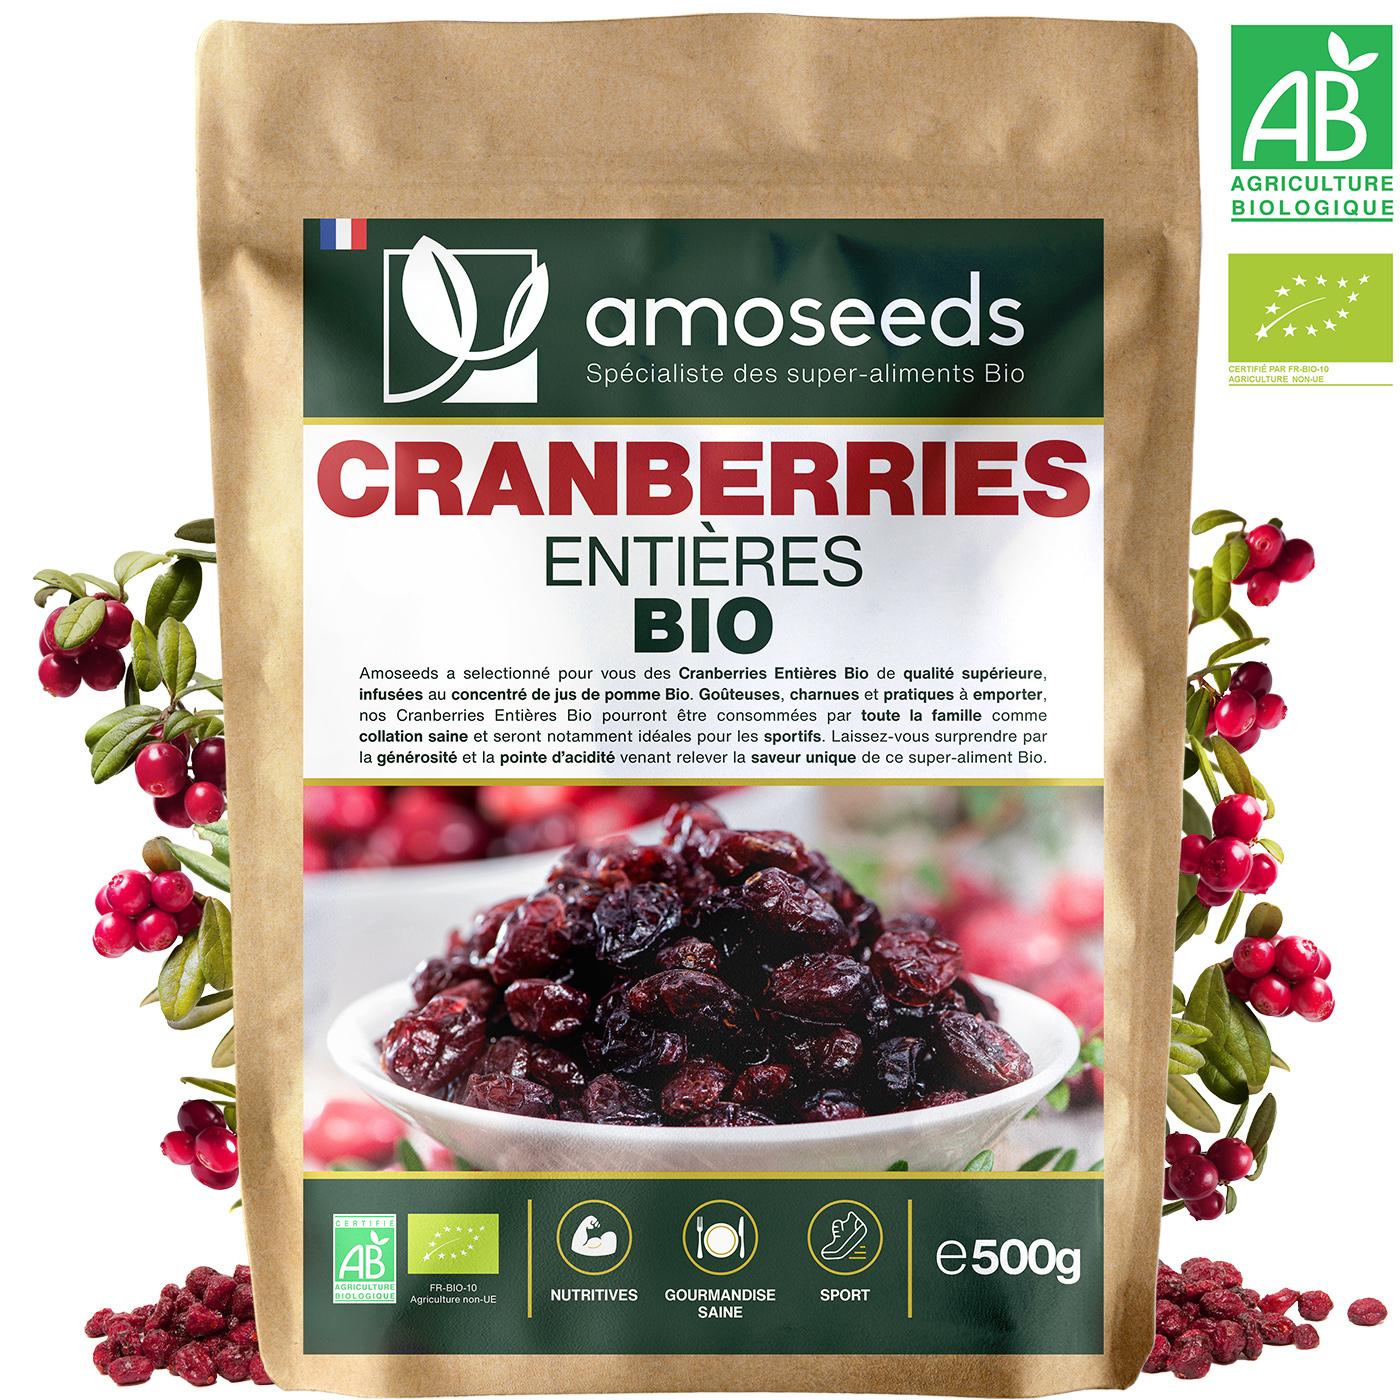 amoseeds - Cranberries Bio Canada - 500G - Entières Déshydratées